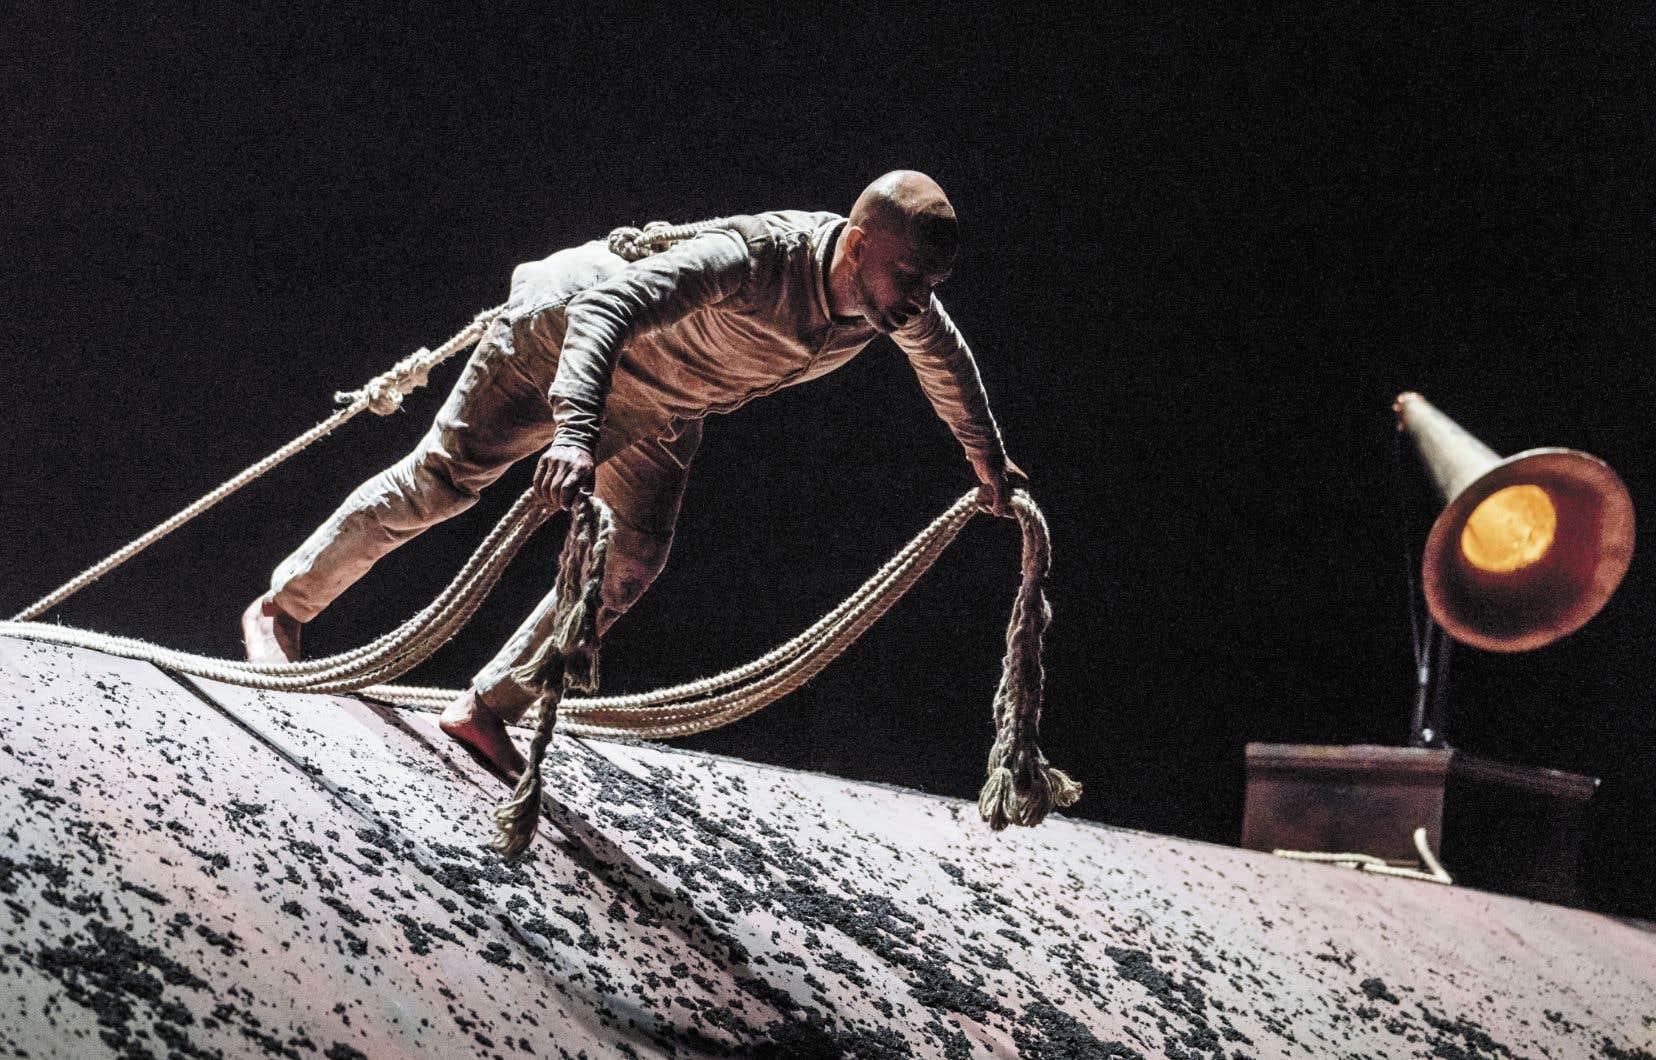 Dans son solo «XENOS», le chorégraphe et interprète Akram Khan donne corps à un soldat, un danseur de kathak jeté dans l'enfer des tranchées de la Première Guerre mondiale.